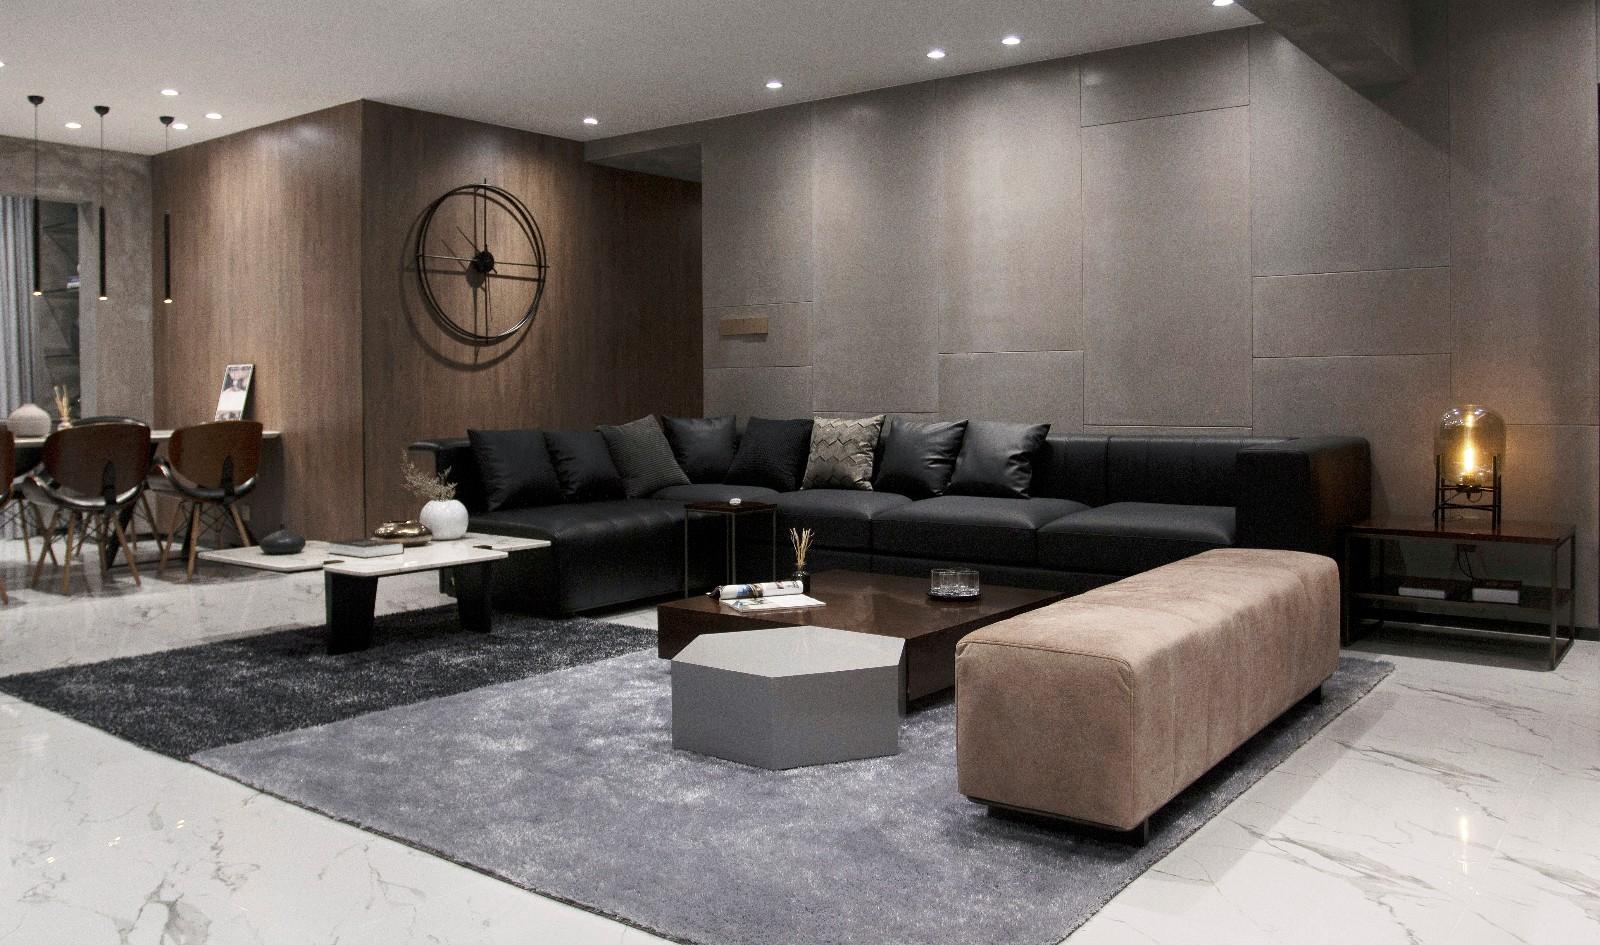 摩登·极简客厅现代简约客厅设计图片赏析